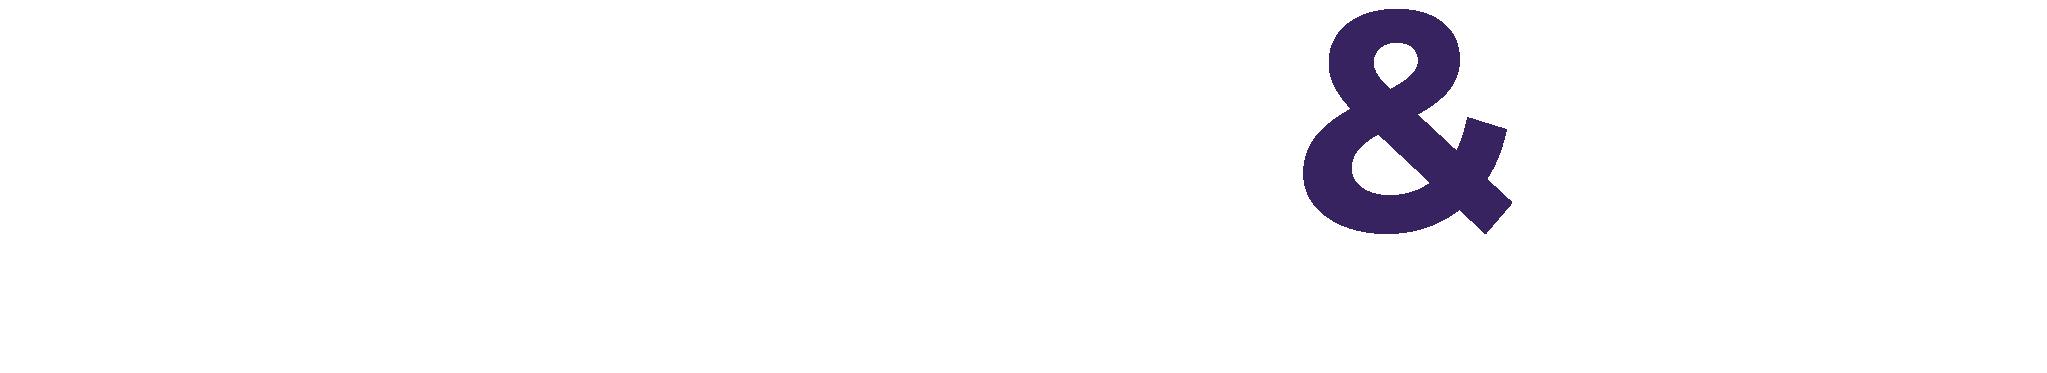 Clarke & Co Real Estate Executives